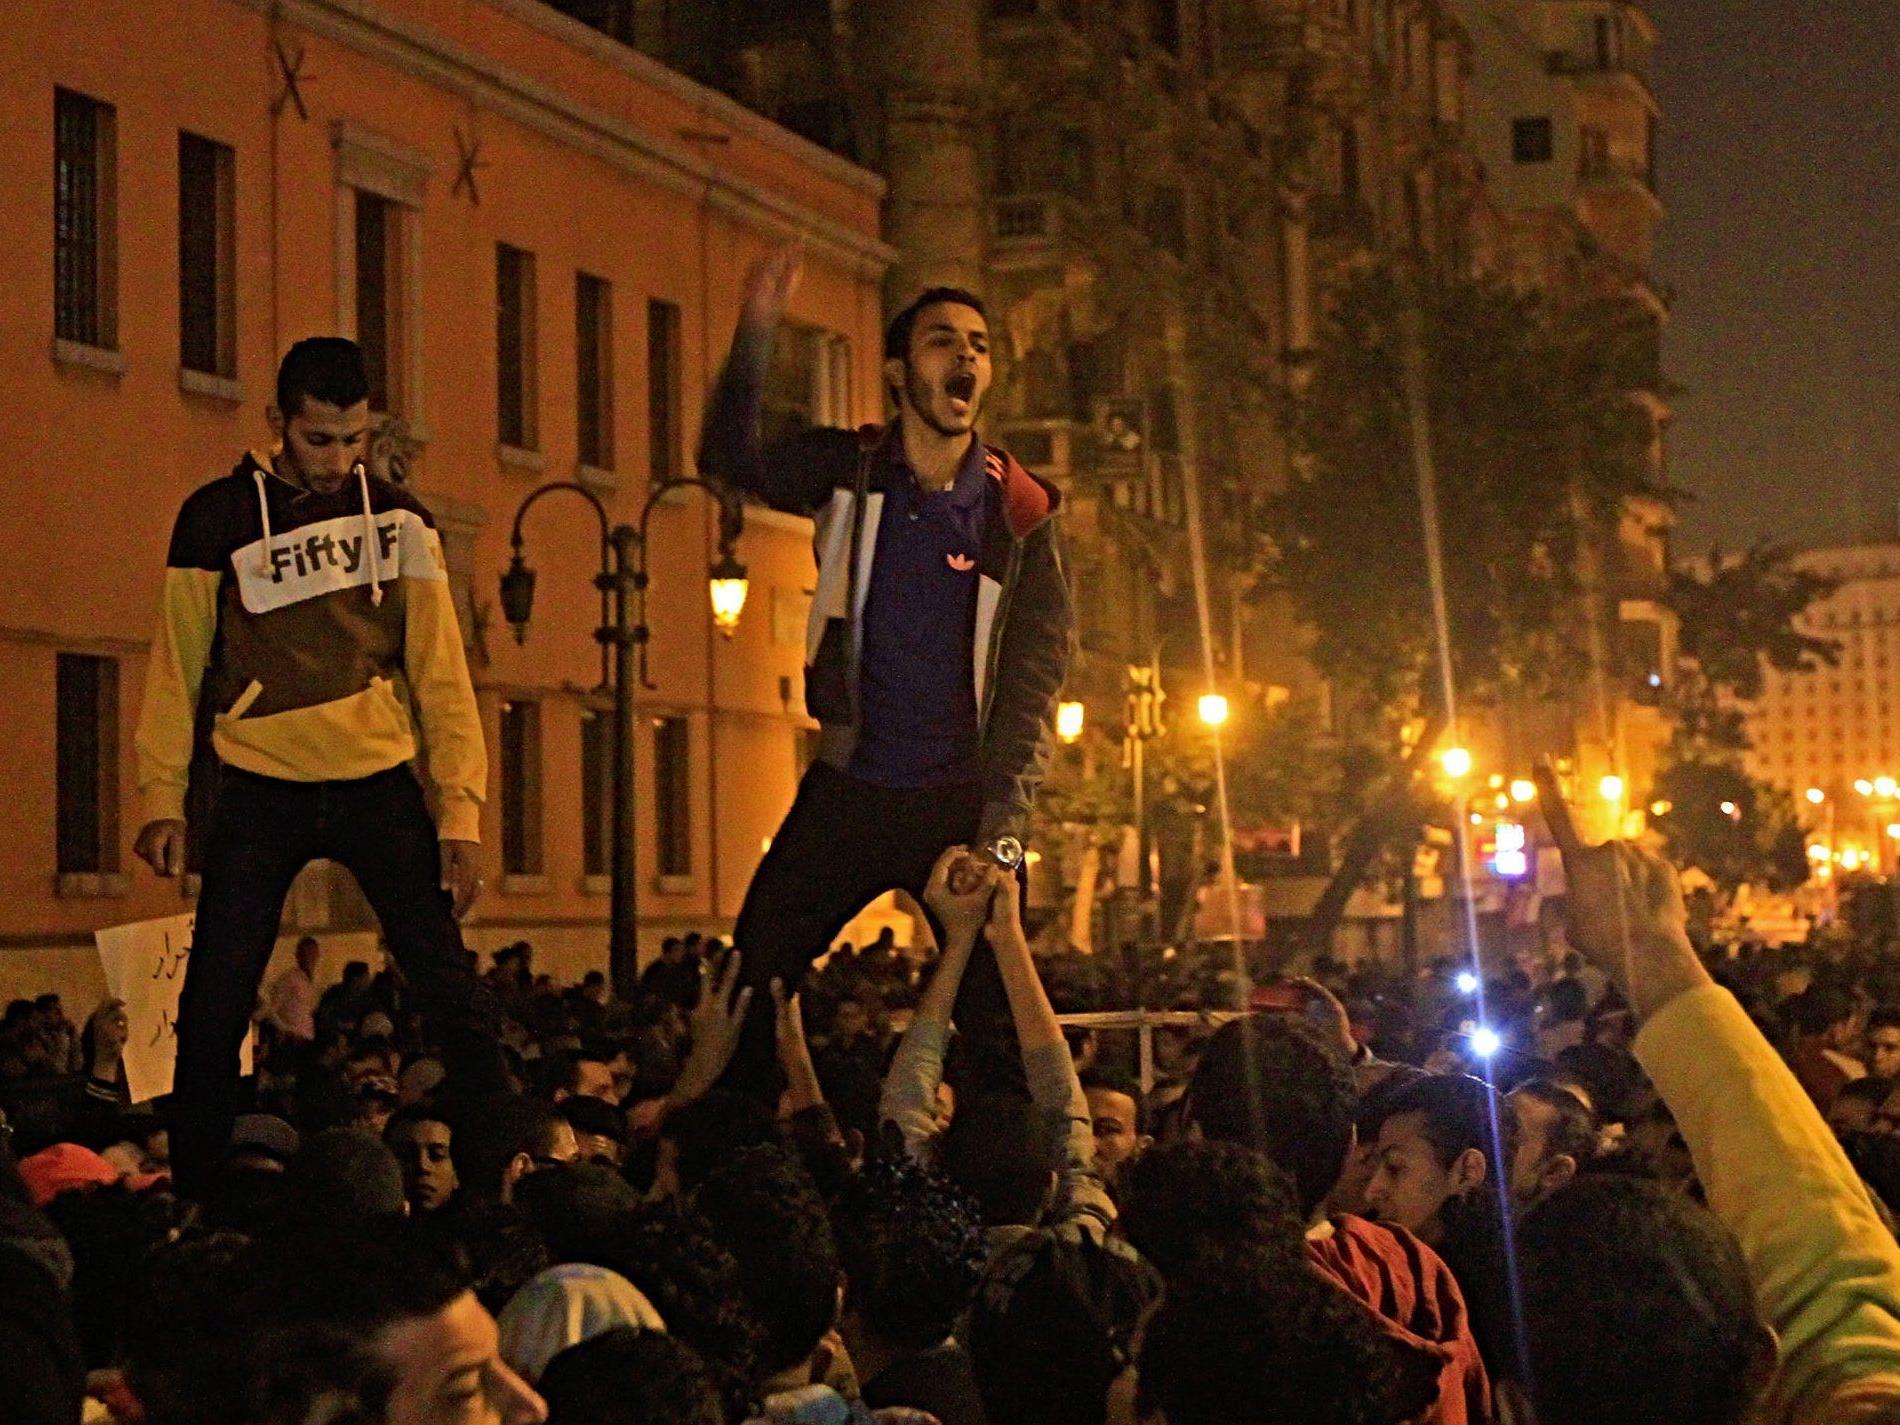 Proteste auf dem Tahrir-Platz in Kairo, nachdem die Anklage gegen Mubarak fallen gelassen wurde.